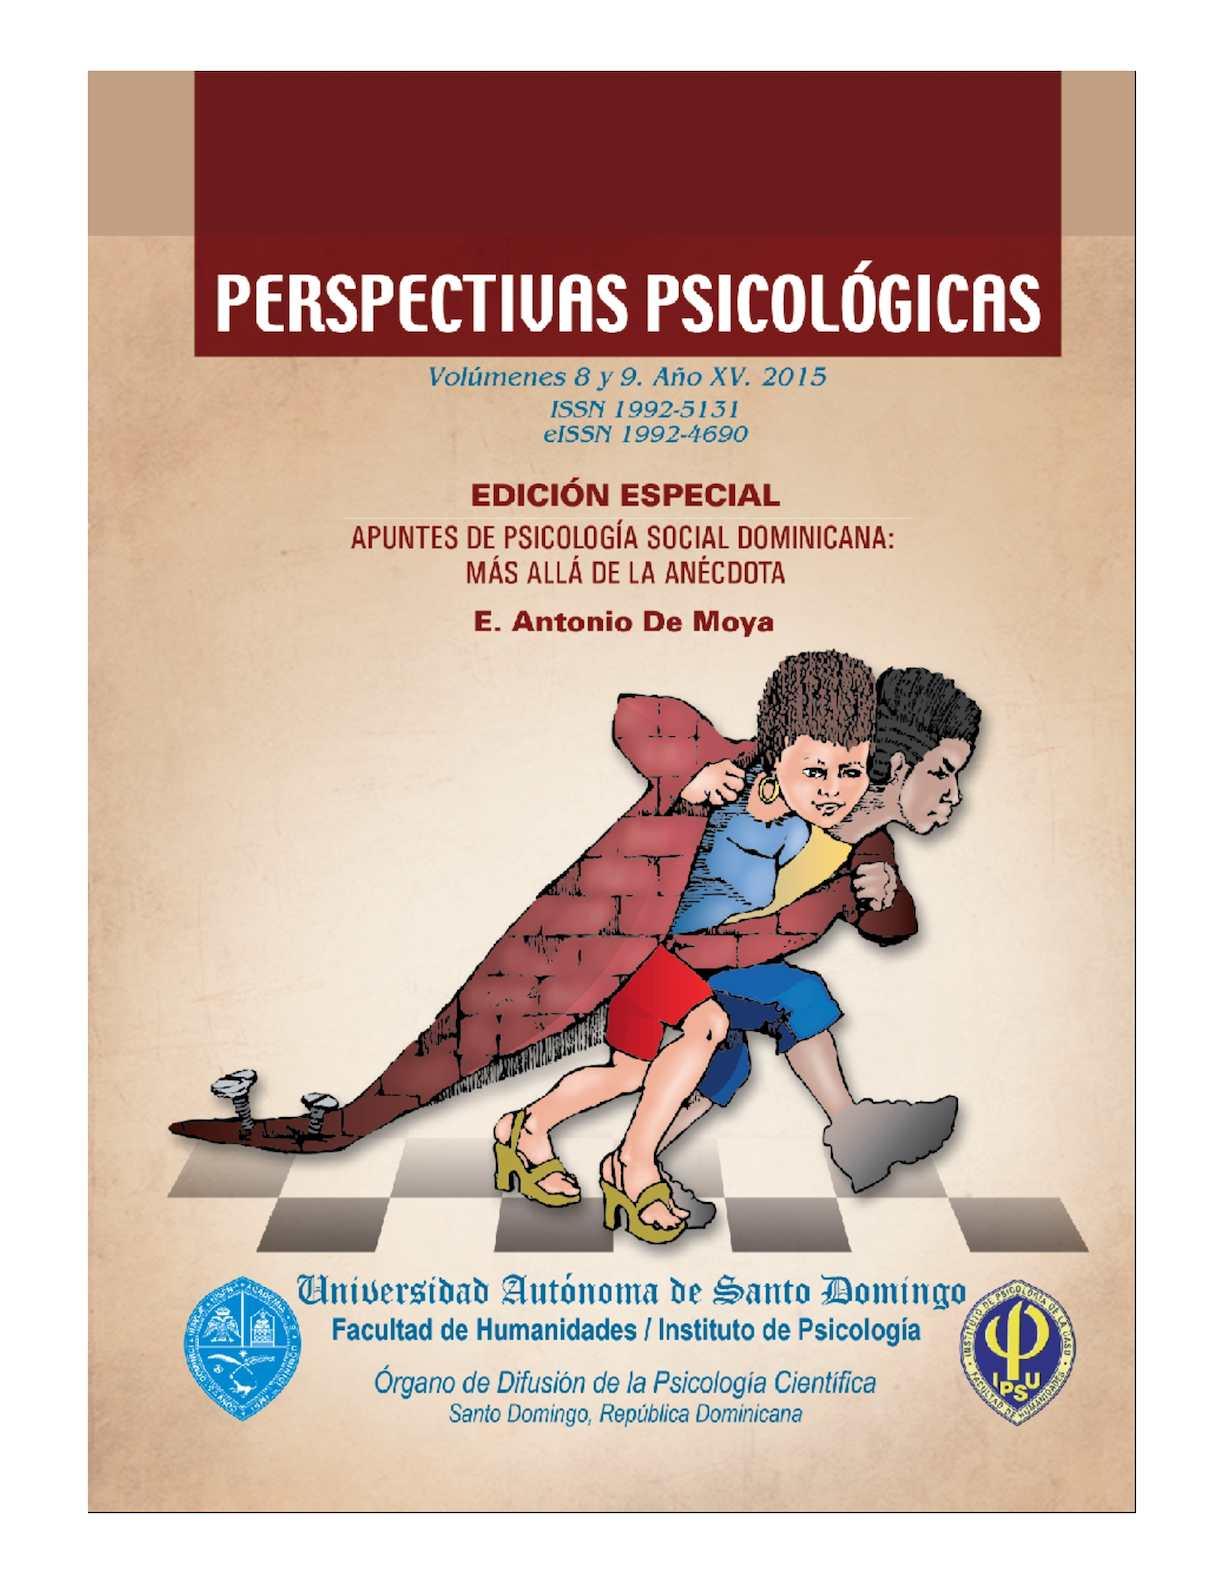 Revista Perspectivas Psicológicas 2015